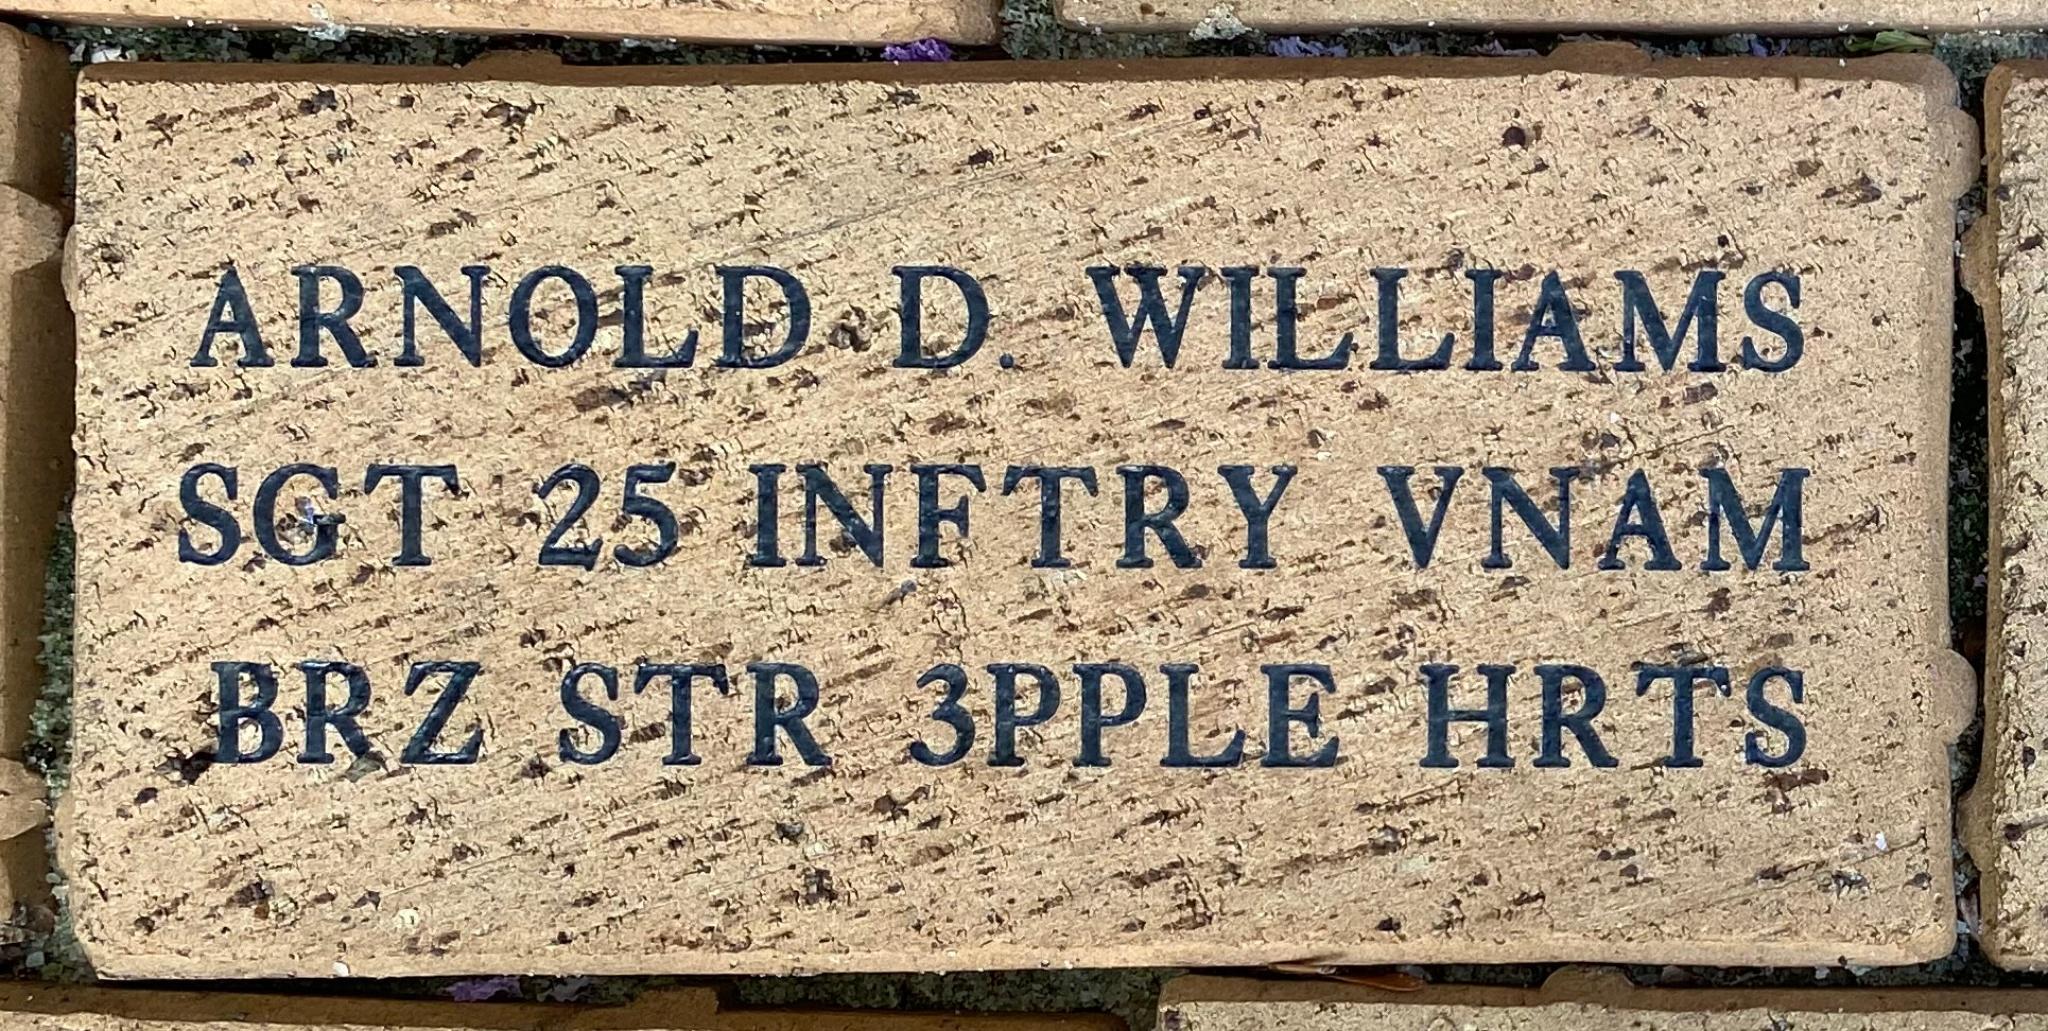 ARNOLD D. WILLIAMS SGT 25 INFTRY VNAM BRZ STR 3PPLE HRTS